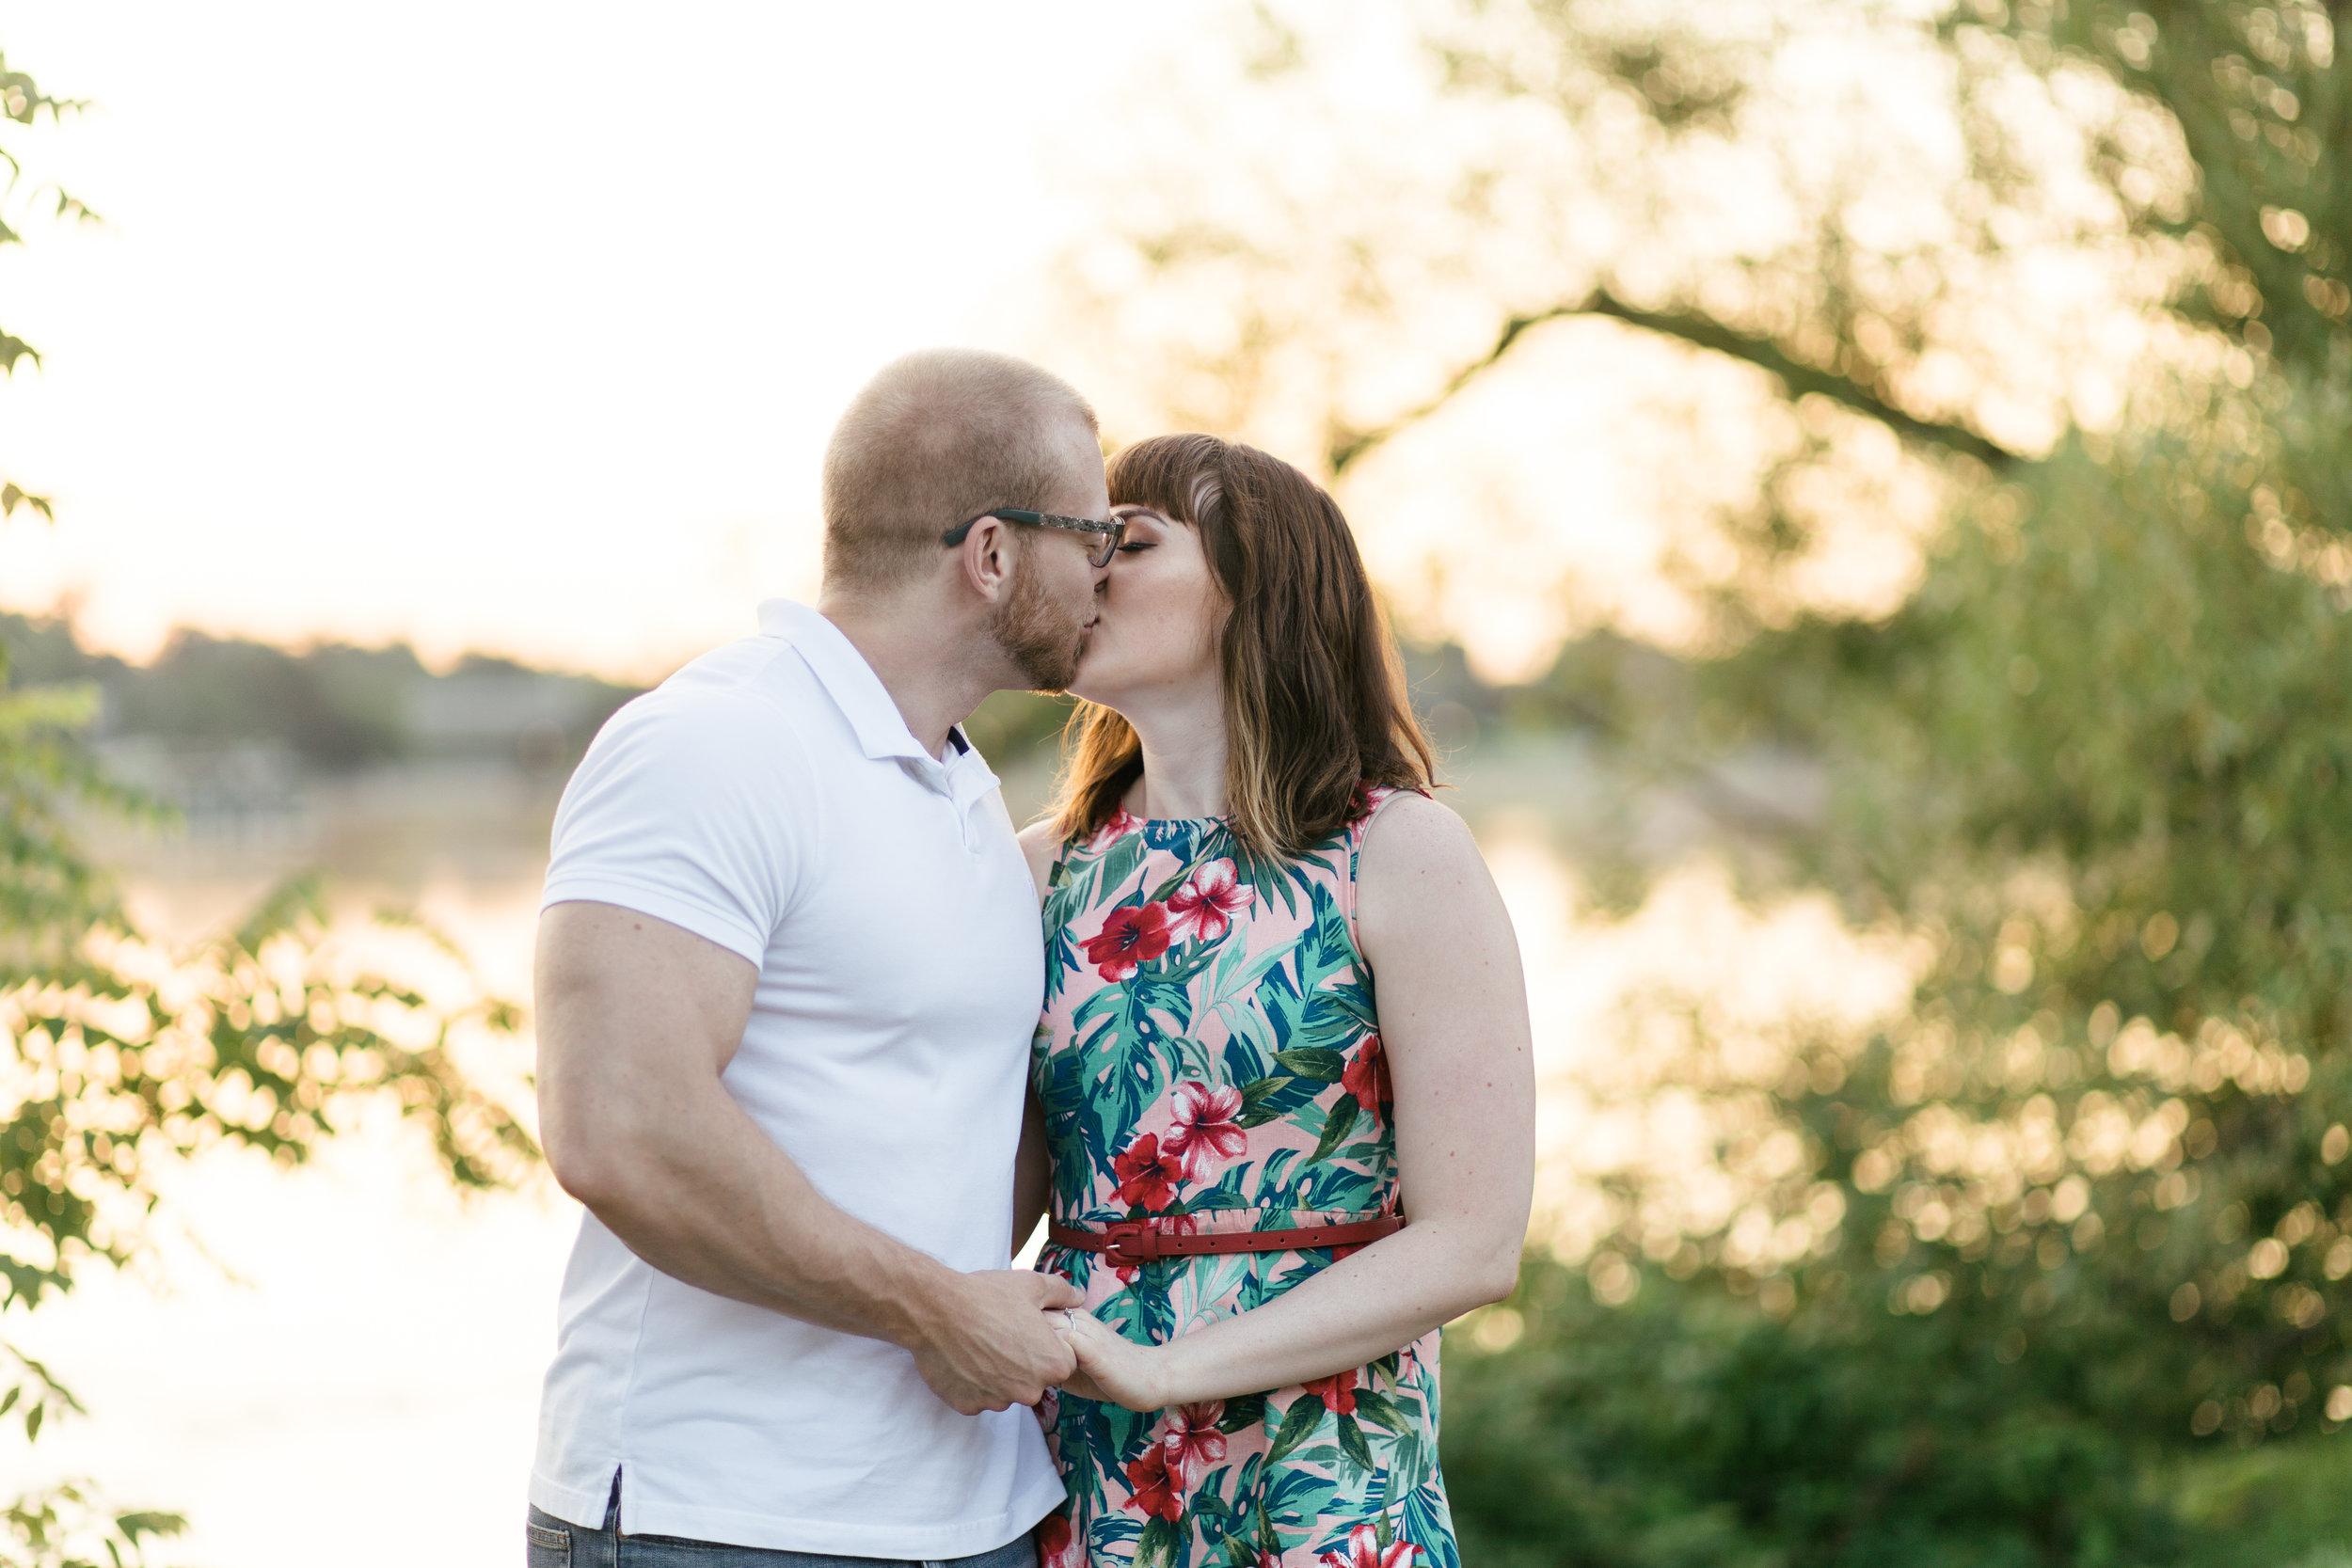 Chloe & Matt Engagement Final Images-2.jpg